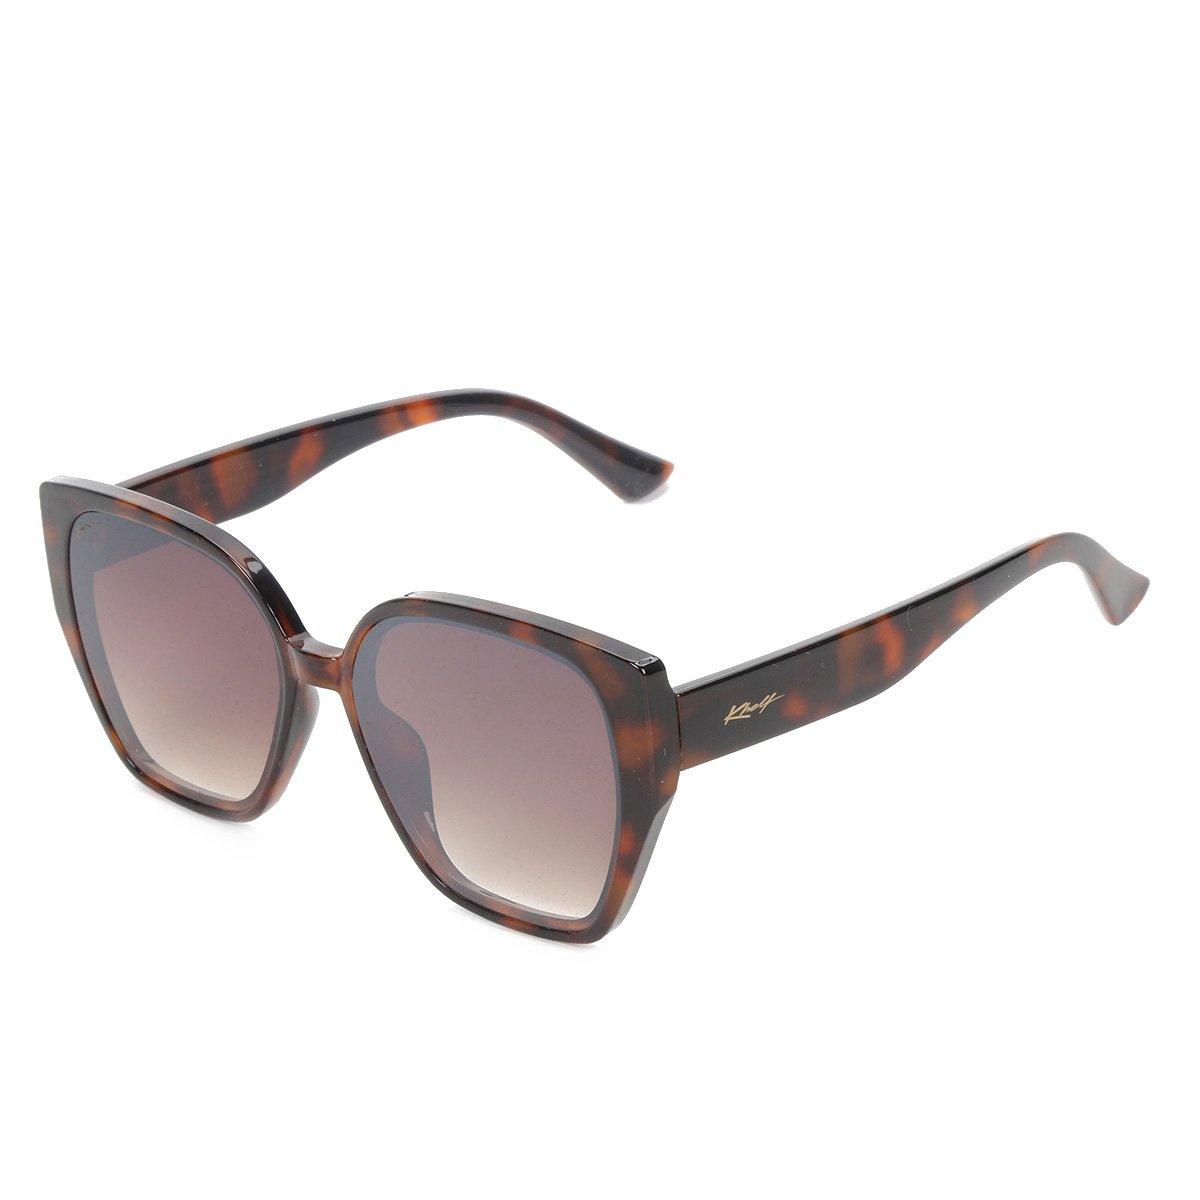 Óculos de Sol Khelf Quadrado Acetato MG1021 Feminino - Marrom+Preto